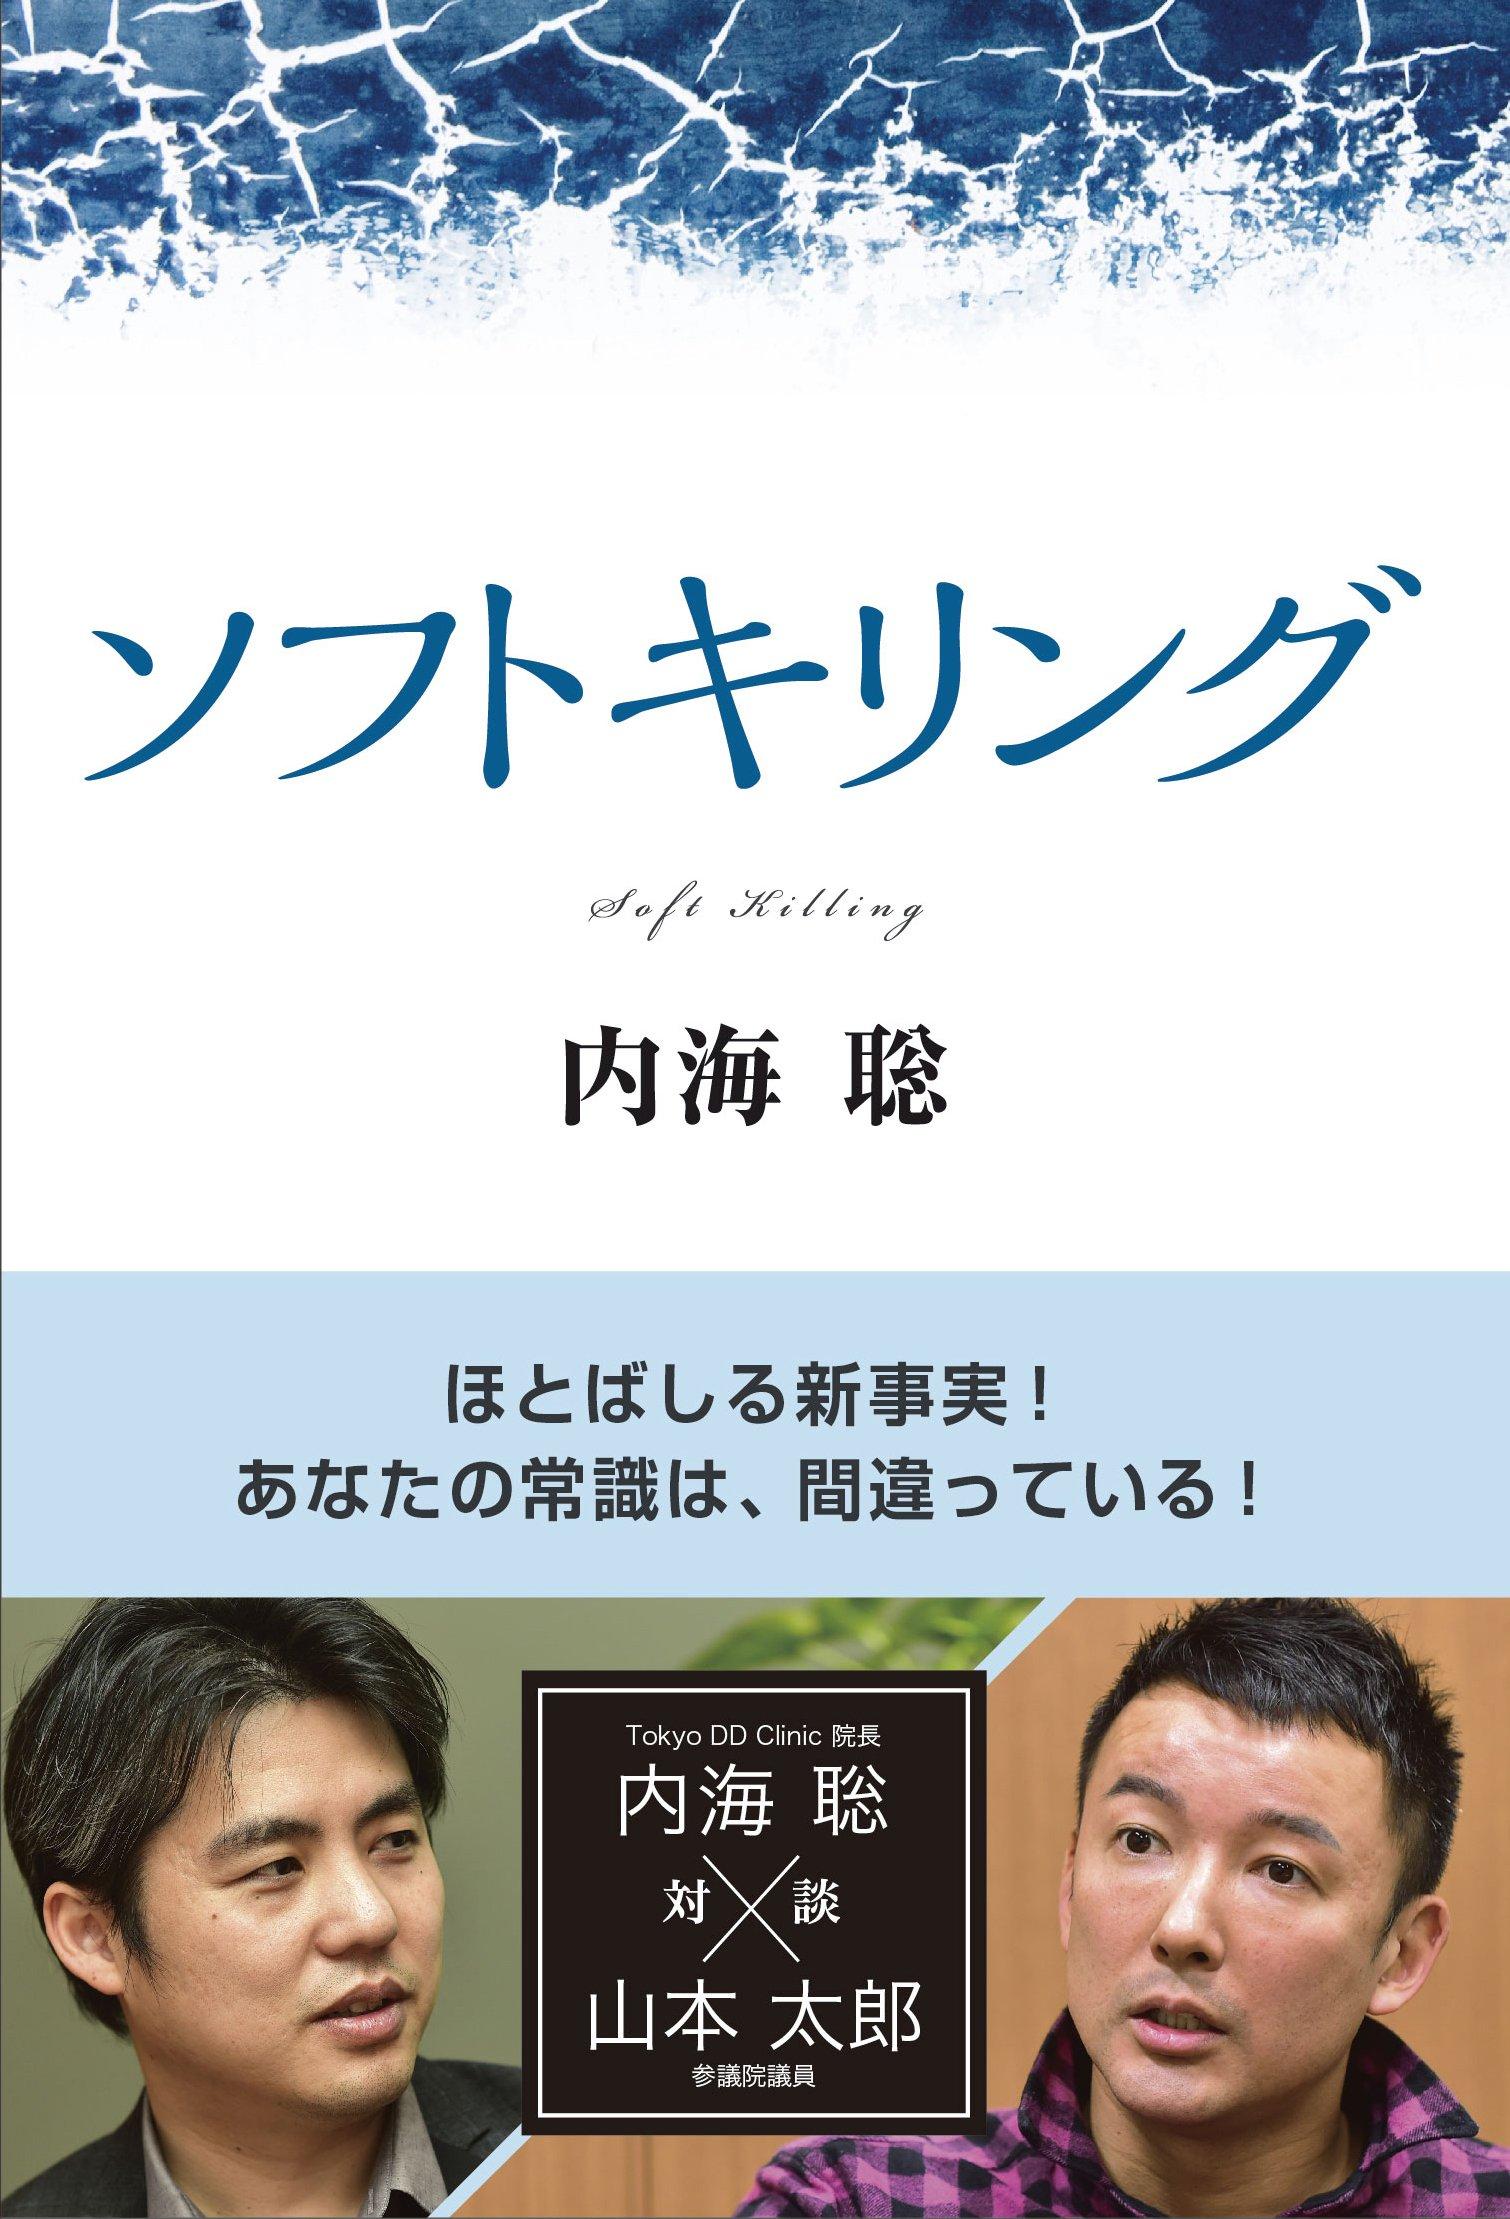 ソフトキリング_001